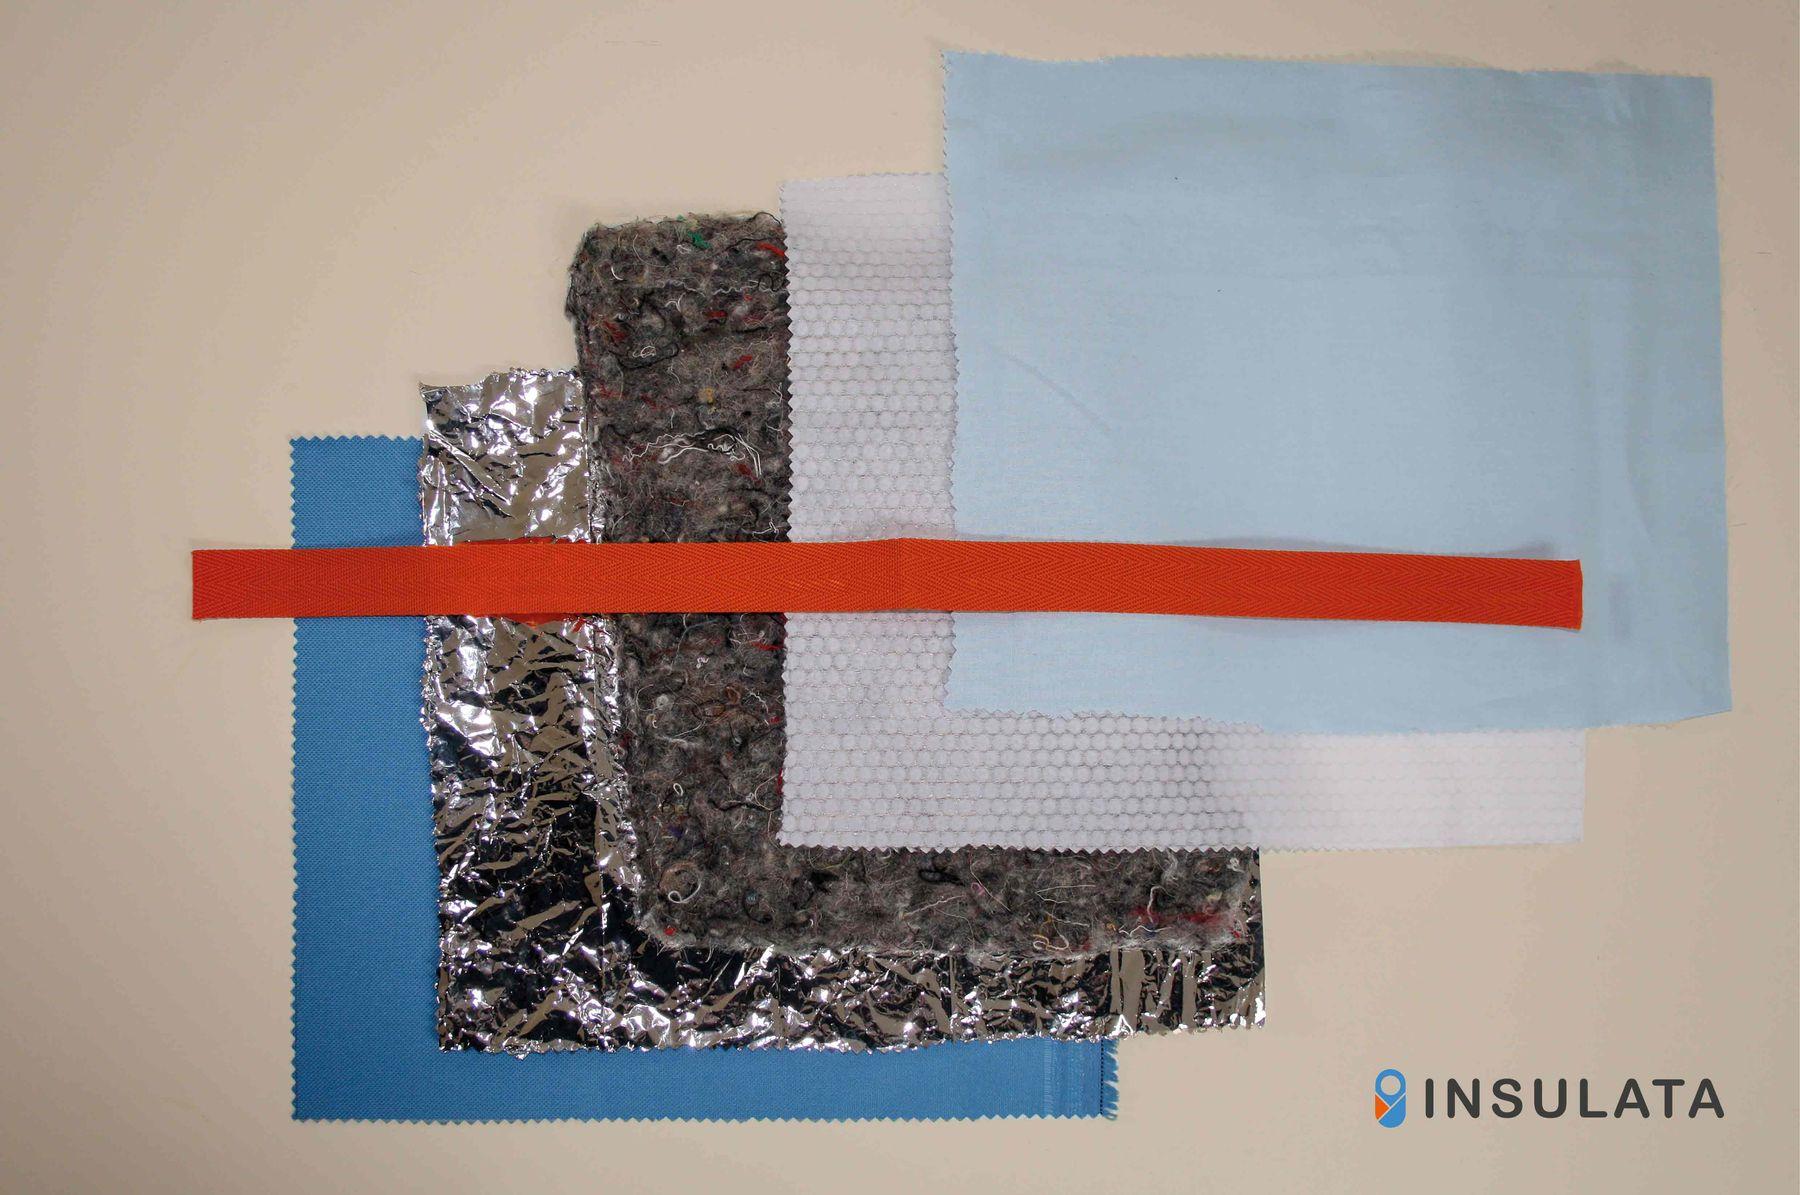 Fergus Vaux, Insulata Materials, BA (Hons) Product Design, 2019